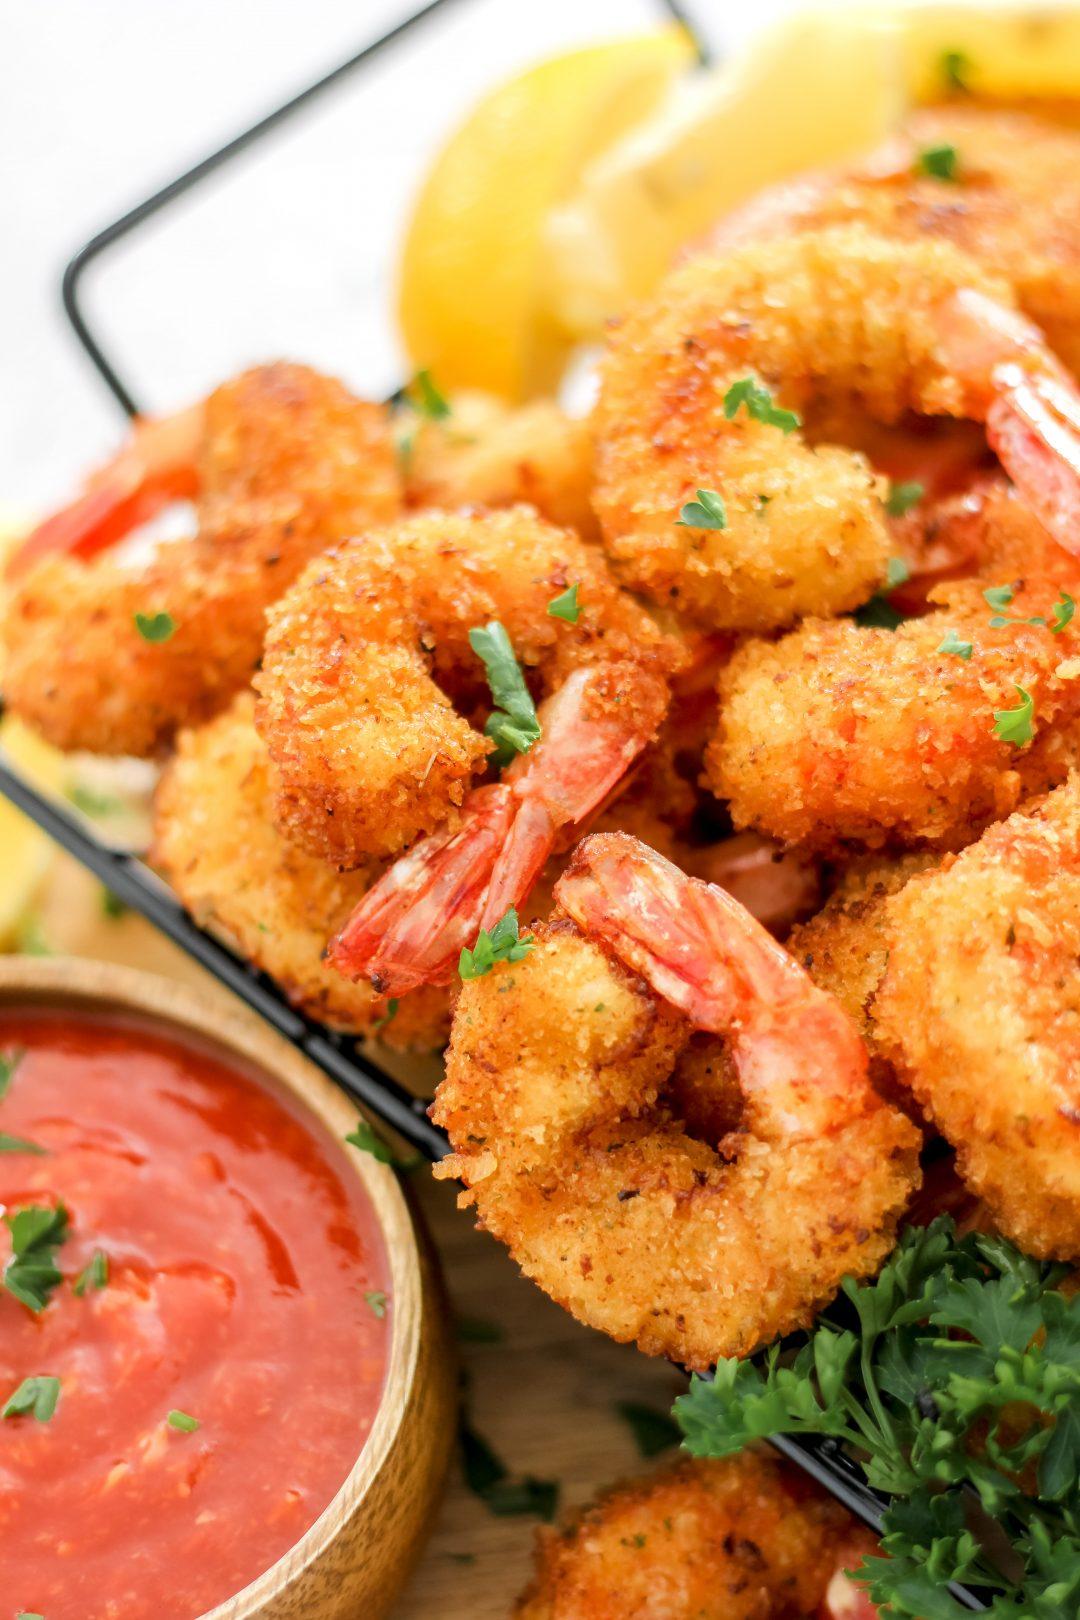 Crispy Fried Shrimp in Basket